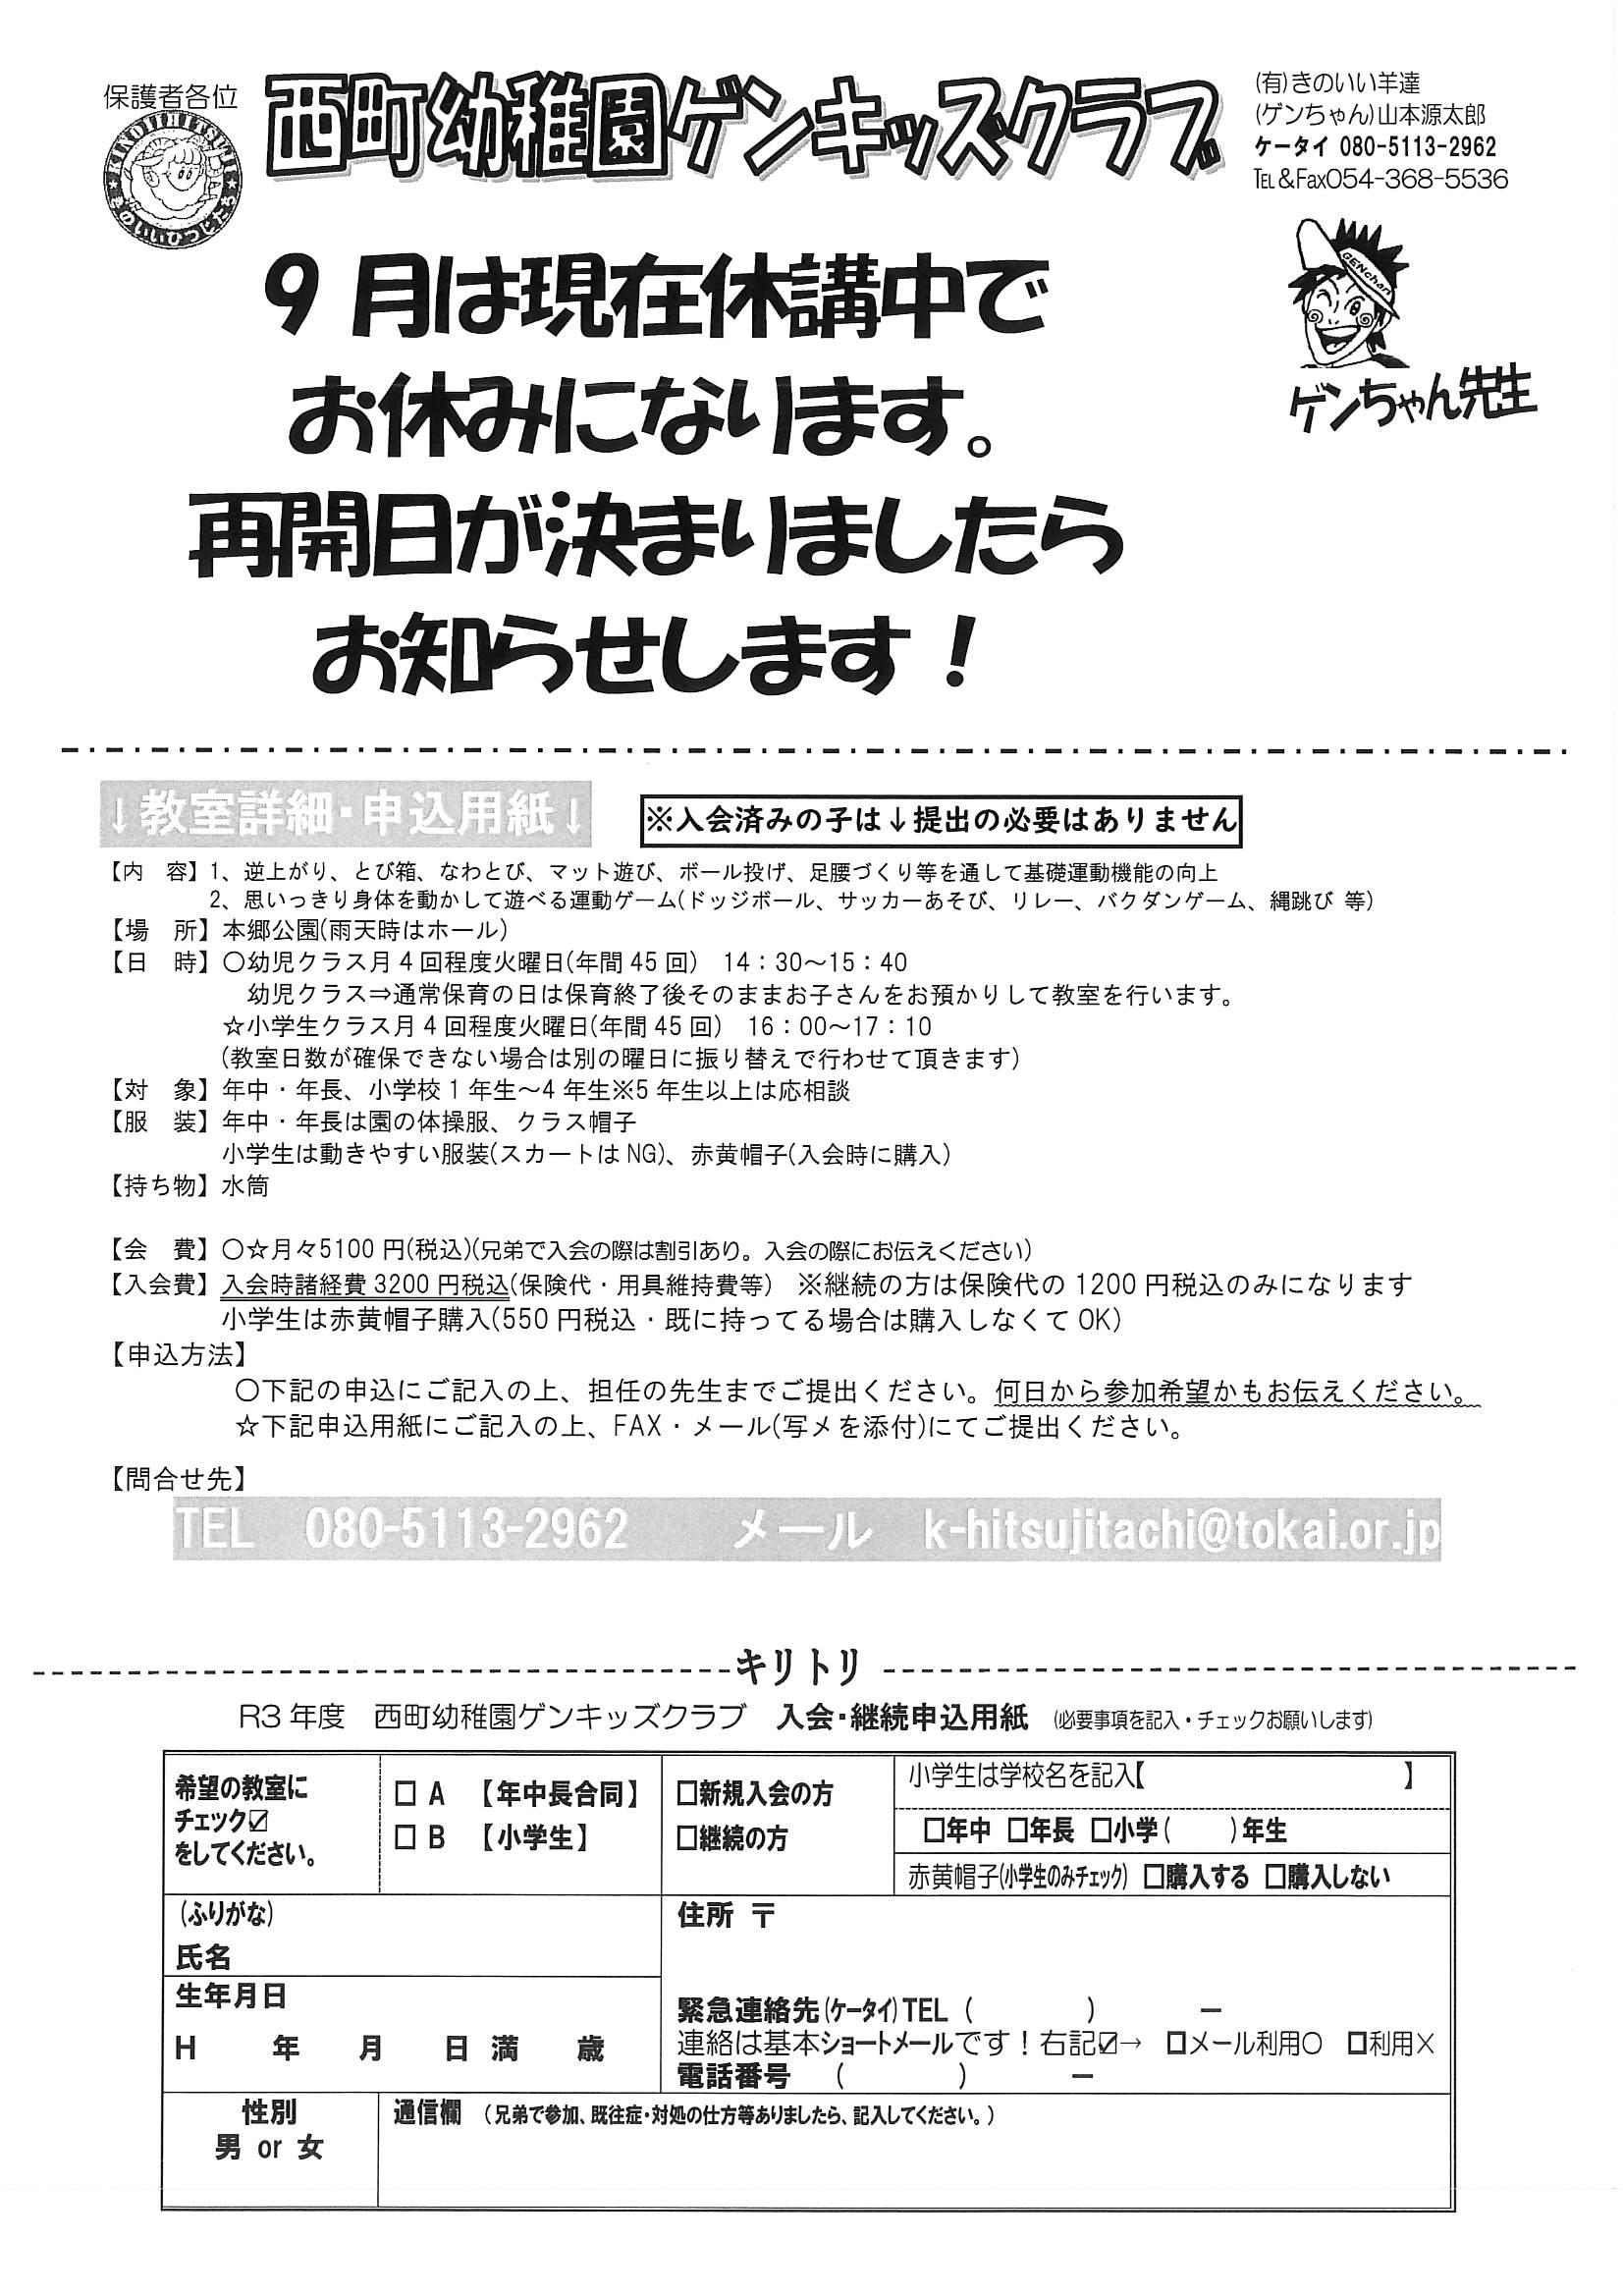 焼津 西町幼稚園